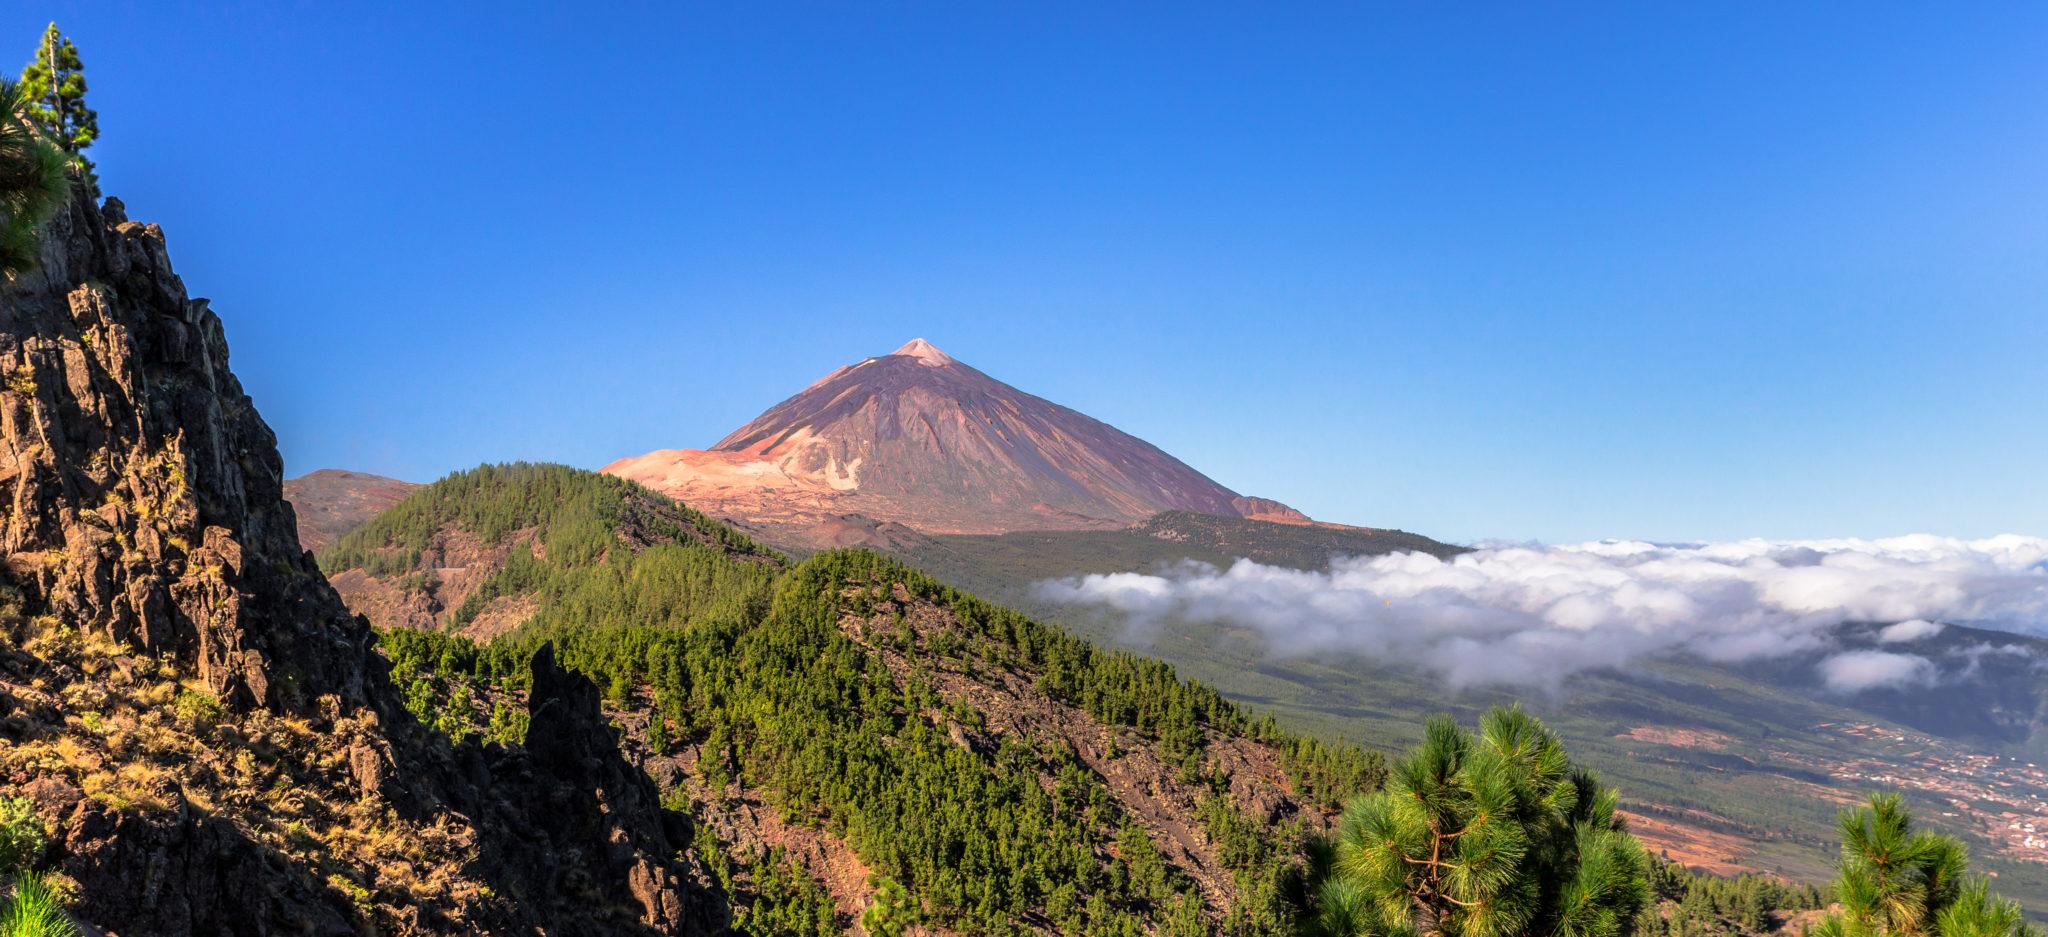 Panaoramablick auf den Teide und das Orotava Tal auf Teneriffa